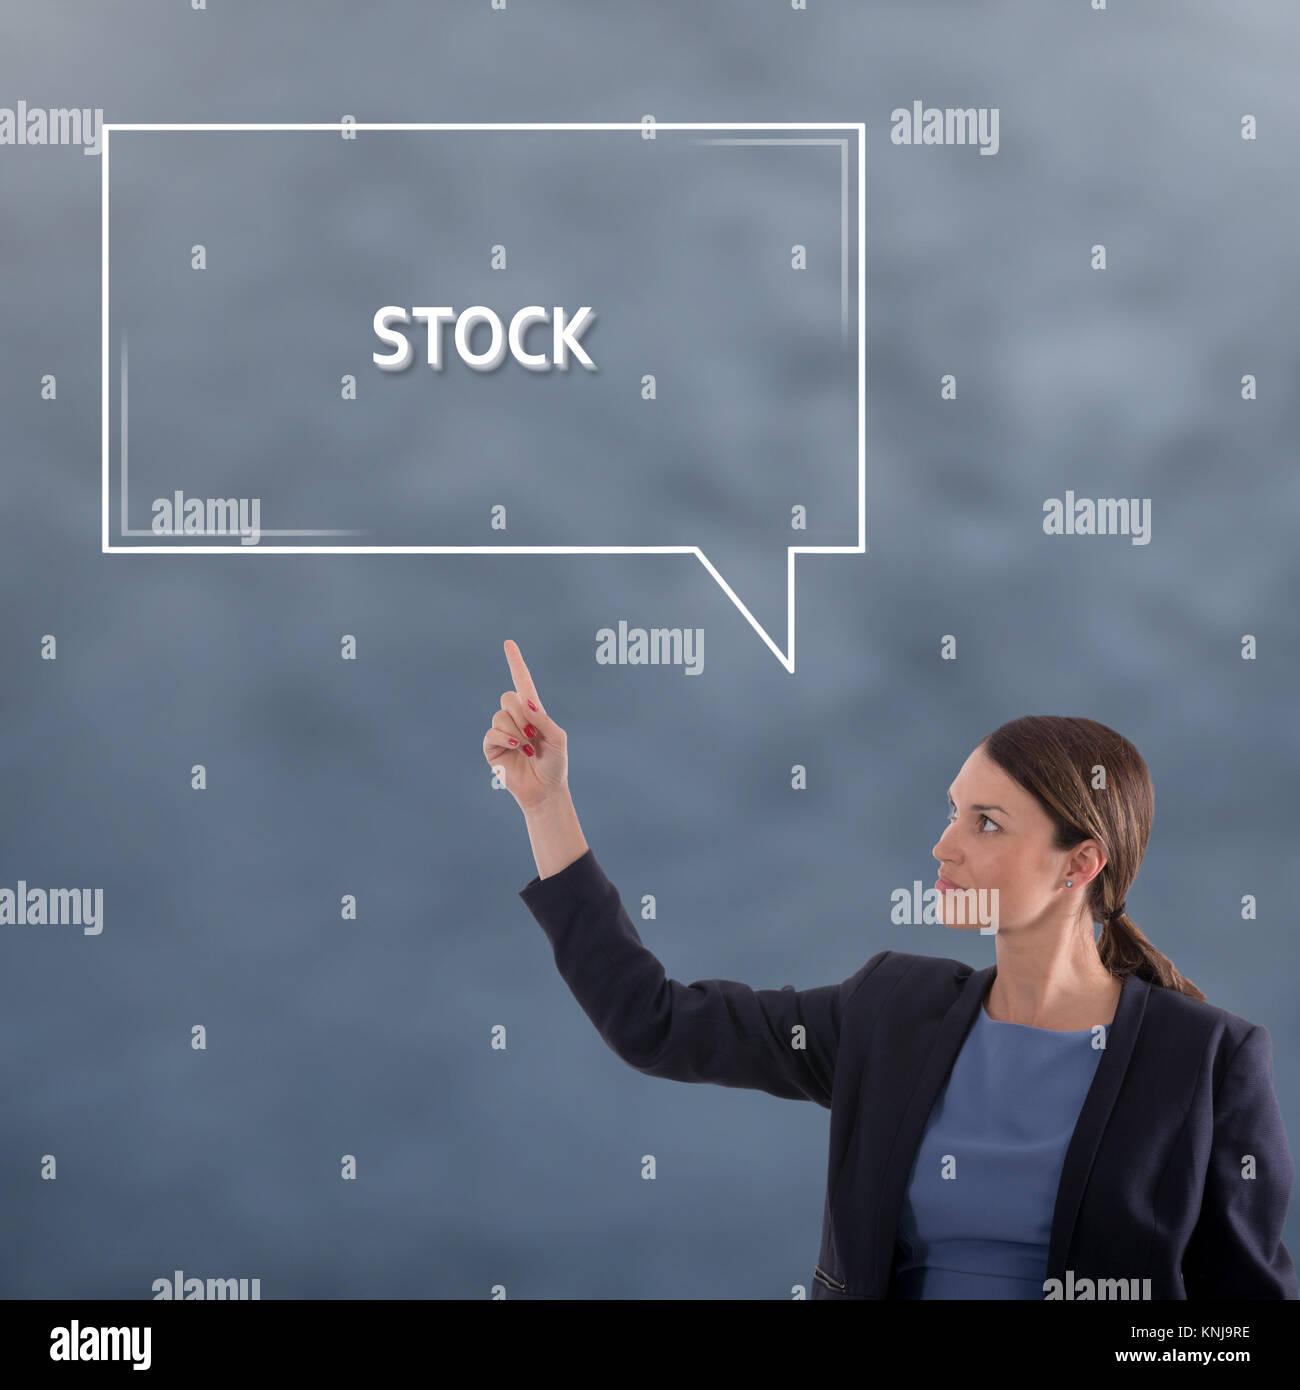 Magazzino la concezione di business. Business donna concetto grafico Immagini Stock